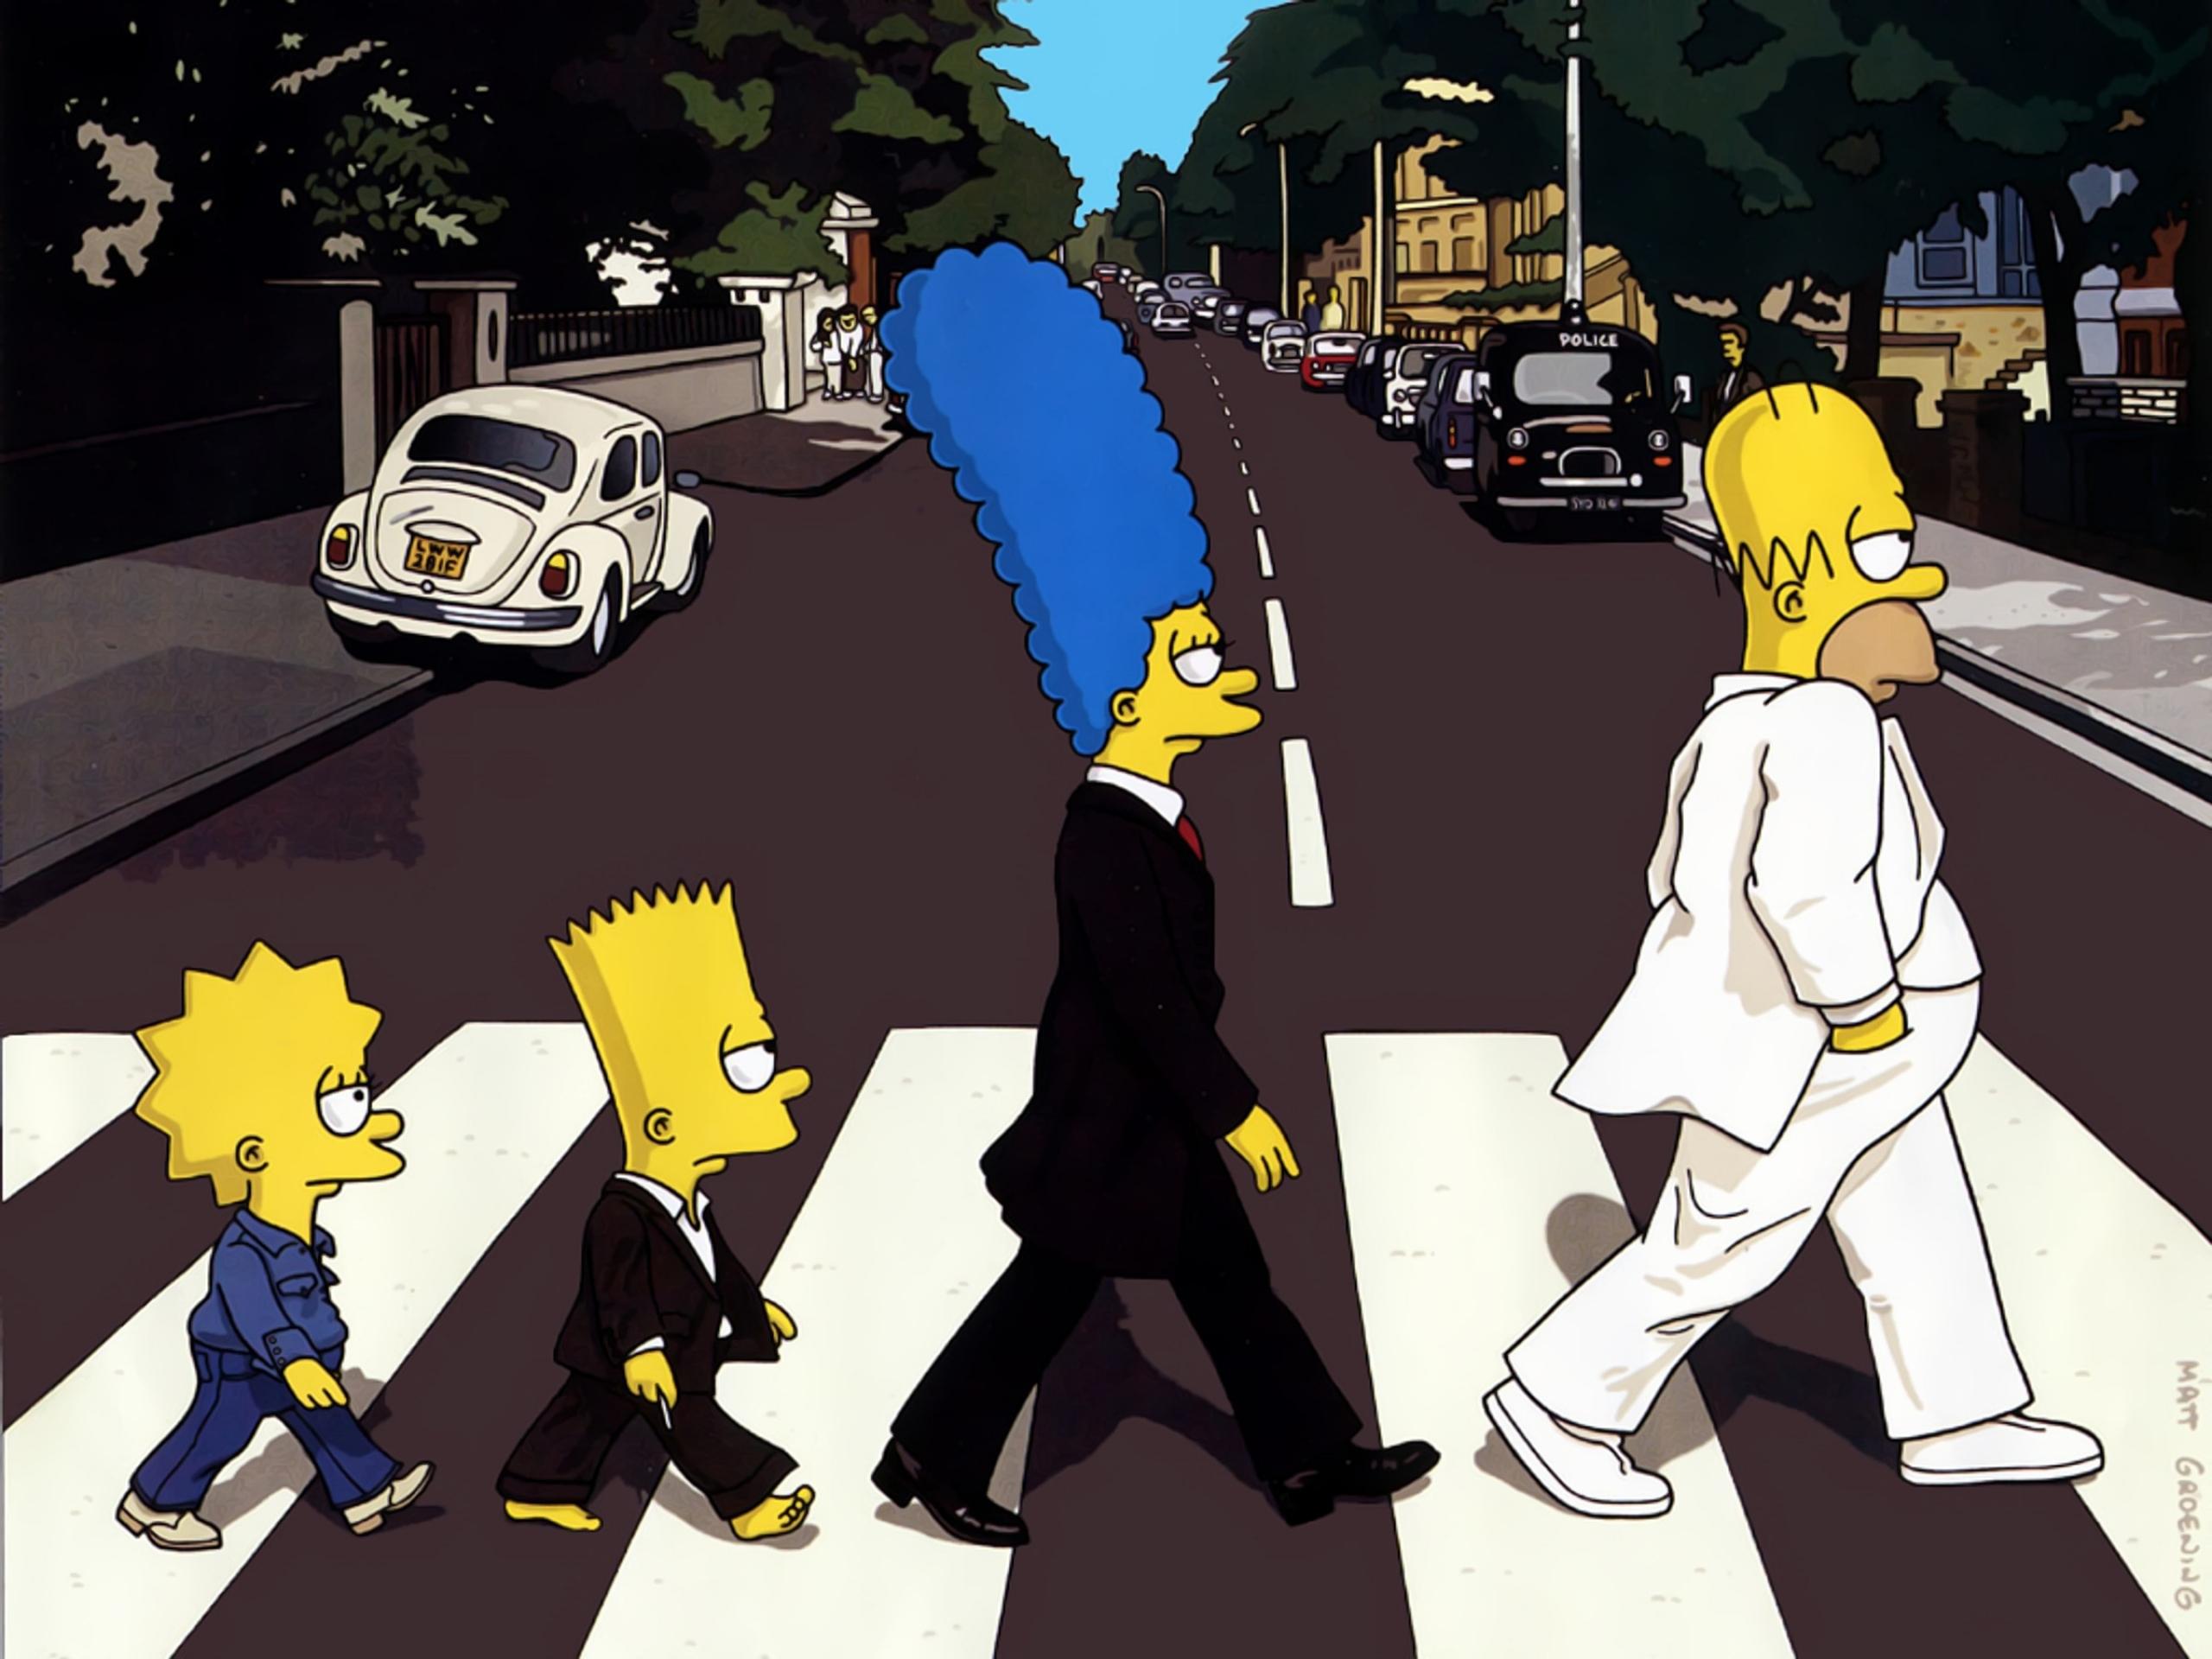 Рок-музыканты в мультсериале The Simpsons (Симпсоны)